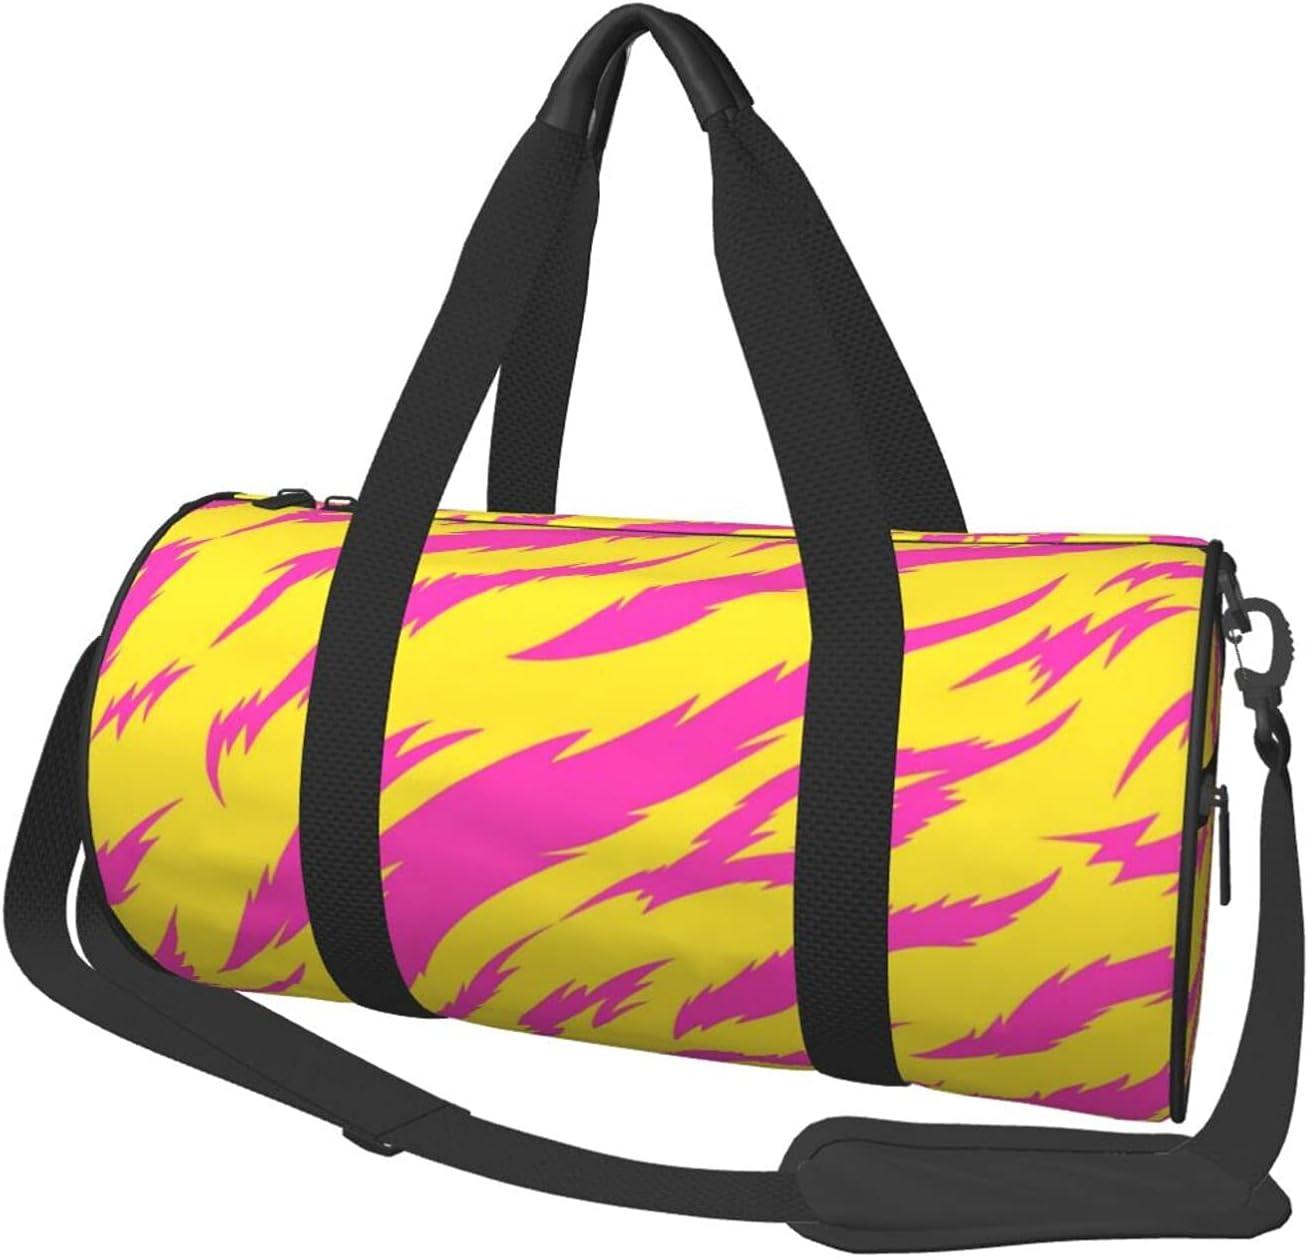 Mens Women Pink Travel Low price Bag Sport Ranking TOP13 Gym Duffle Ca Weekender